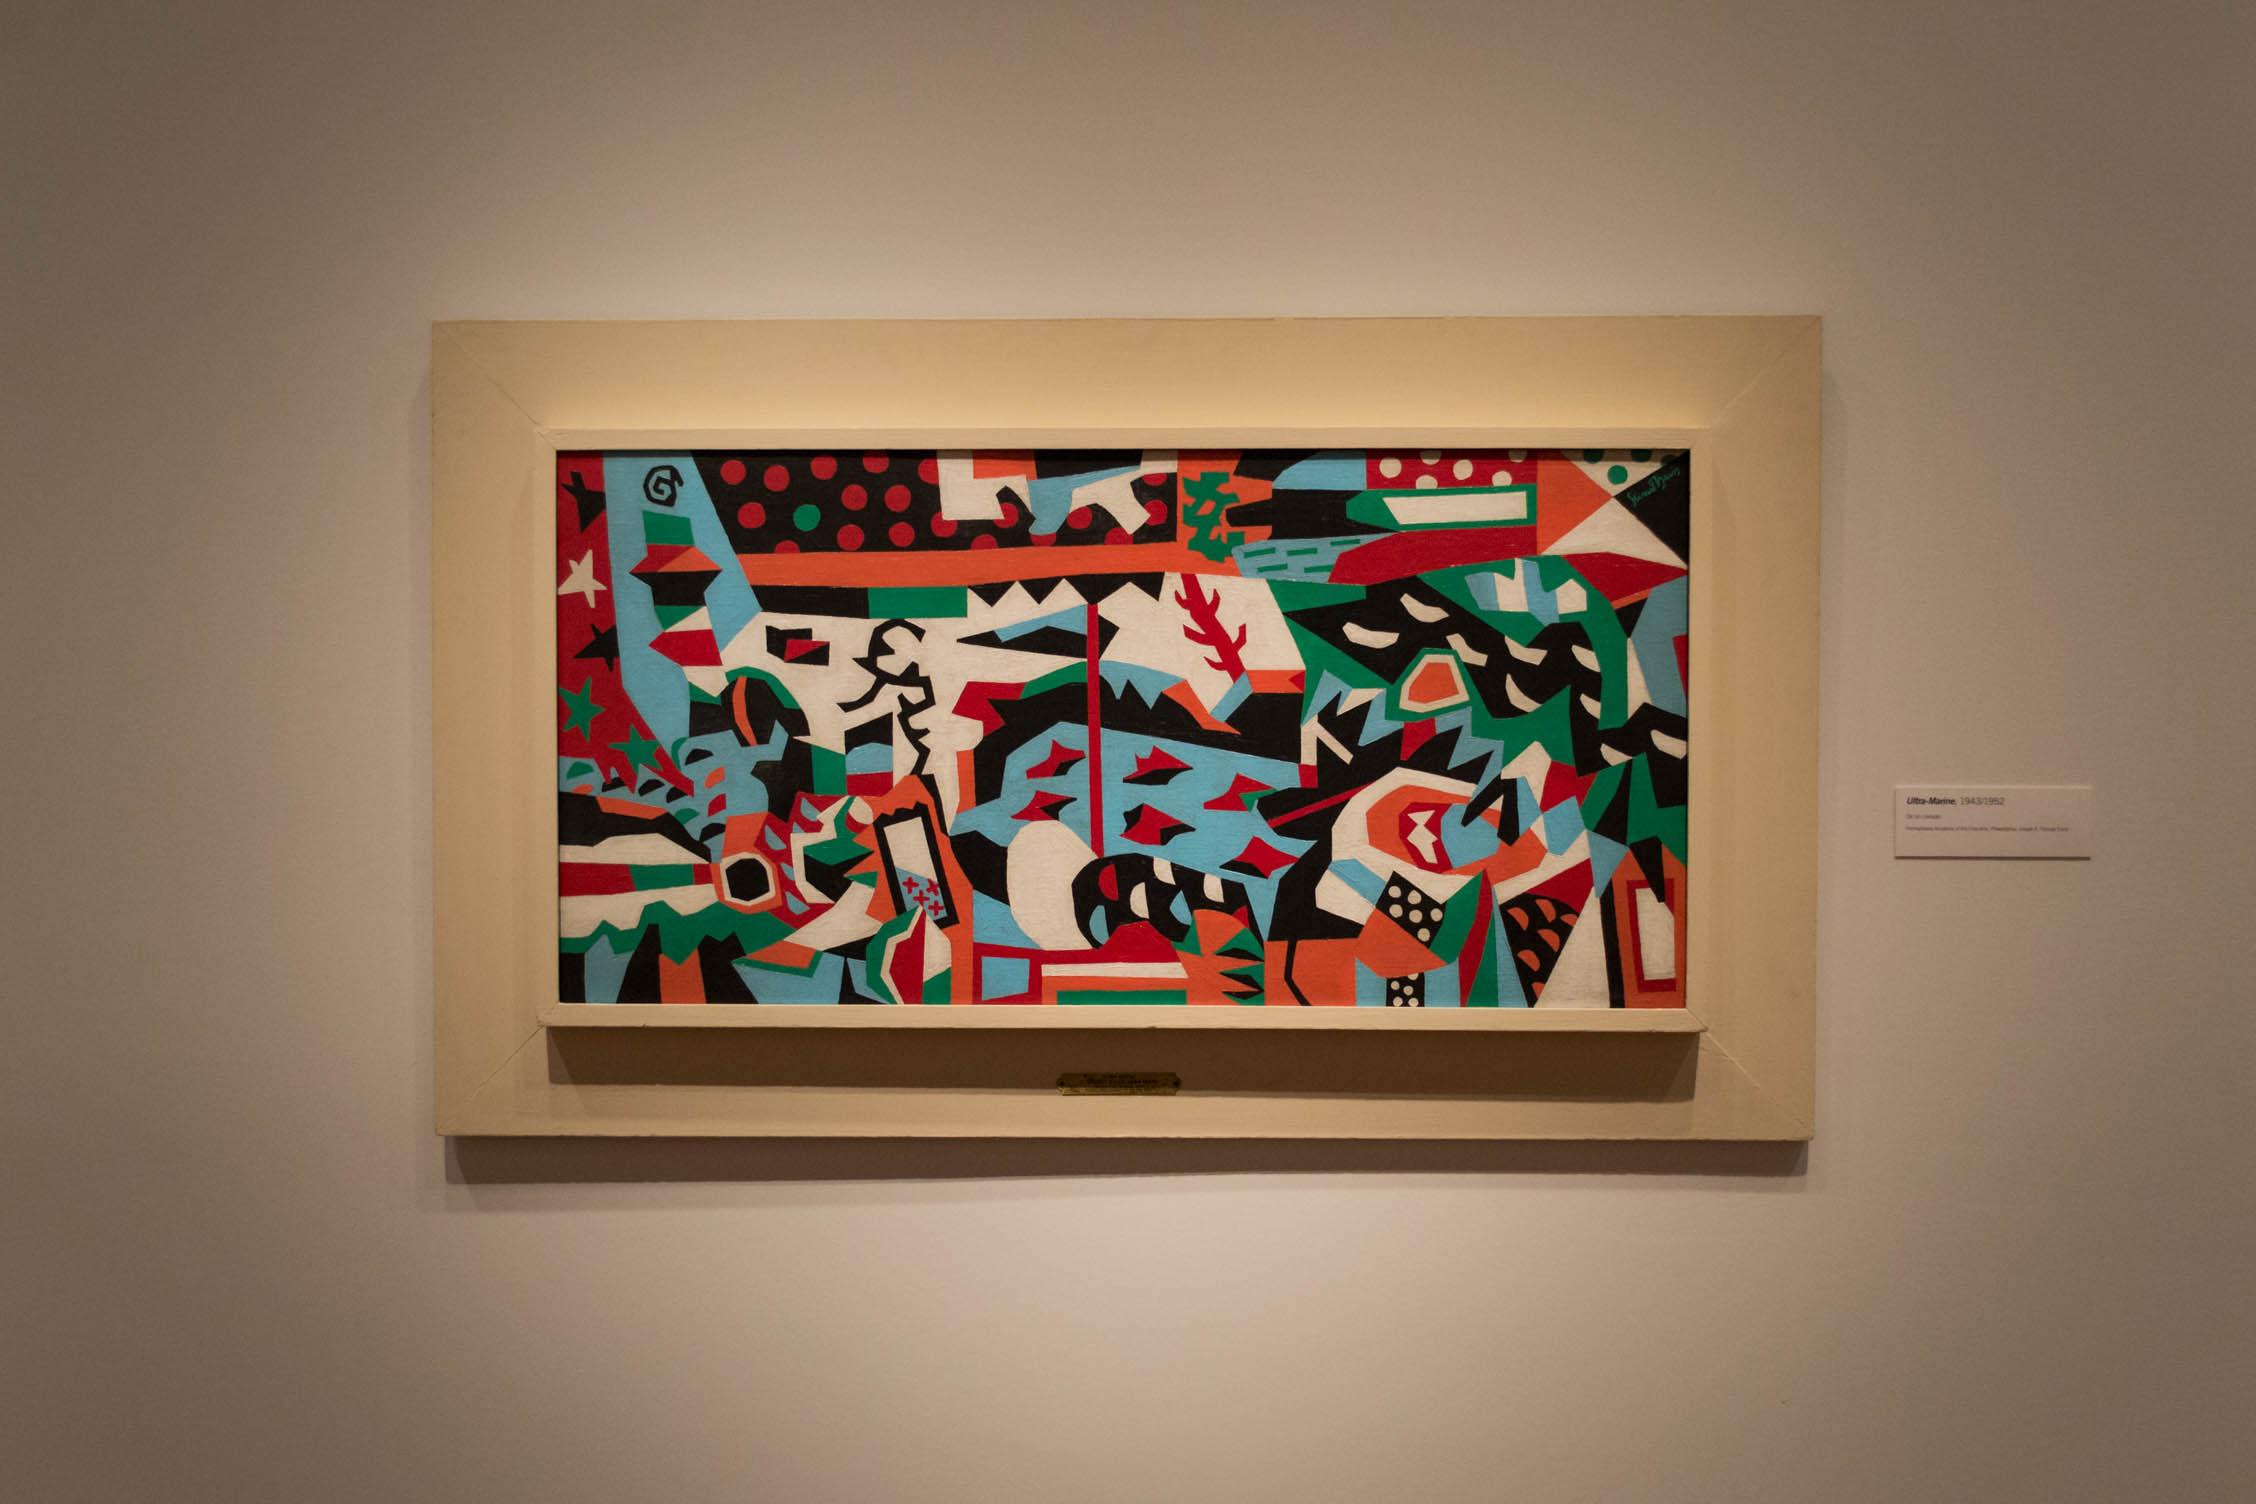 Une des toiles de l'exposition de Stuart Davis